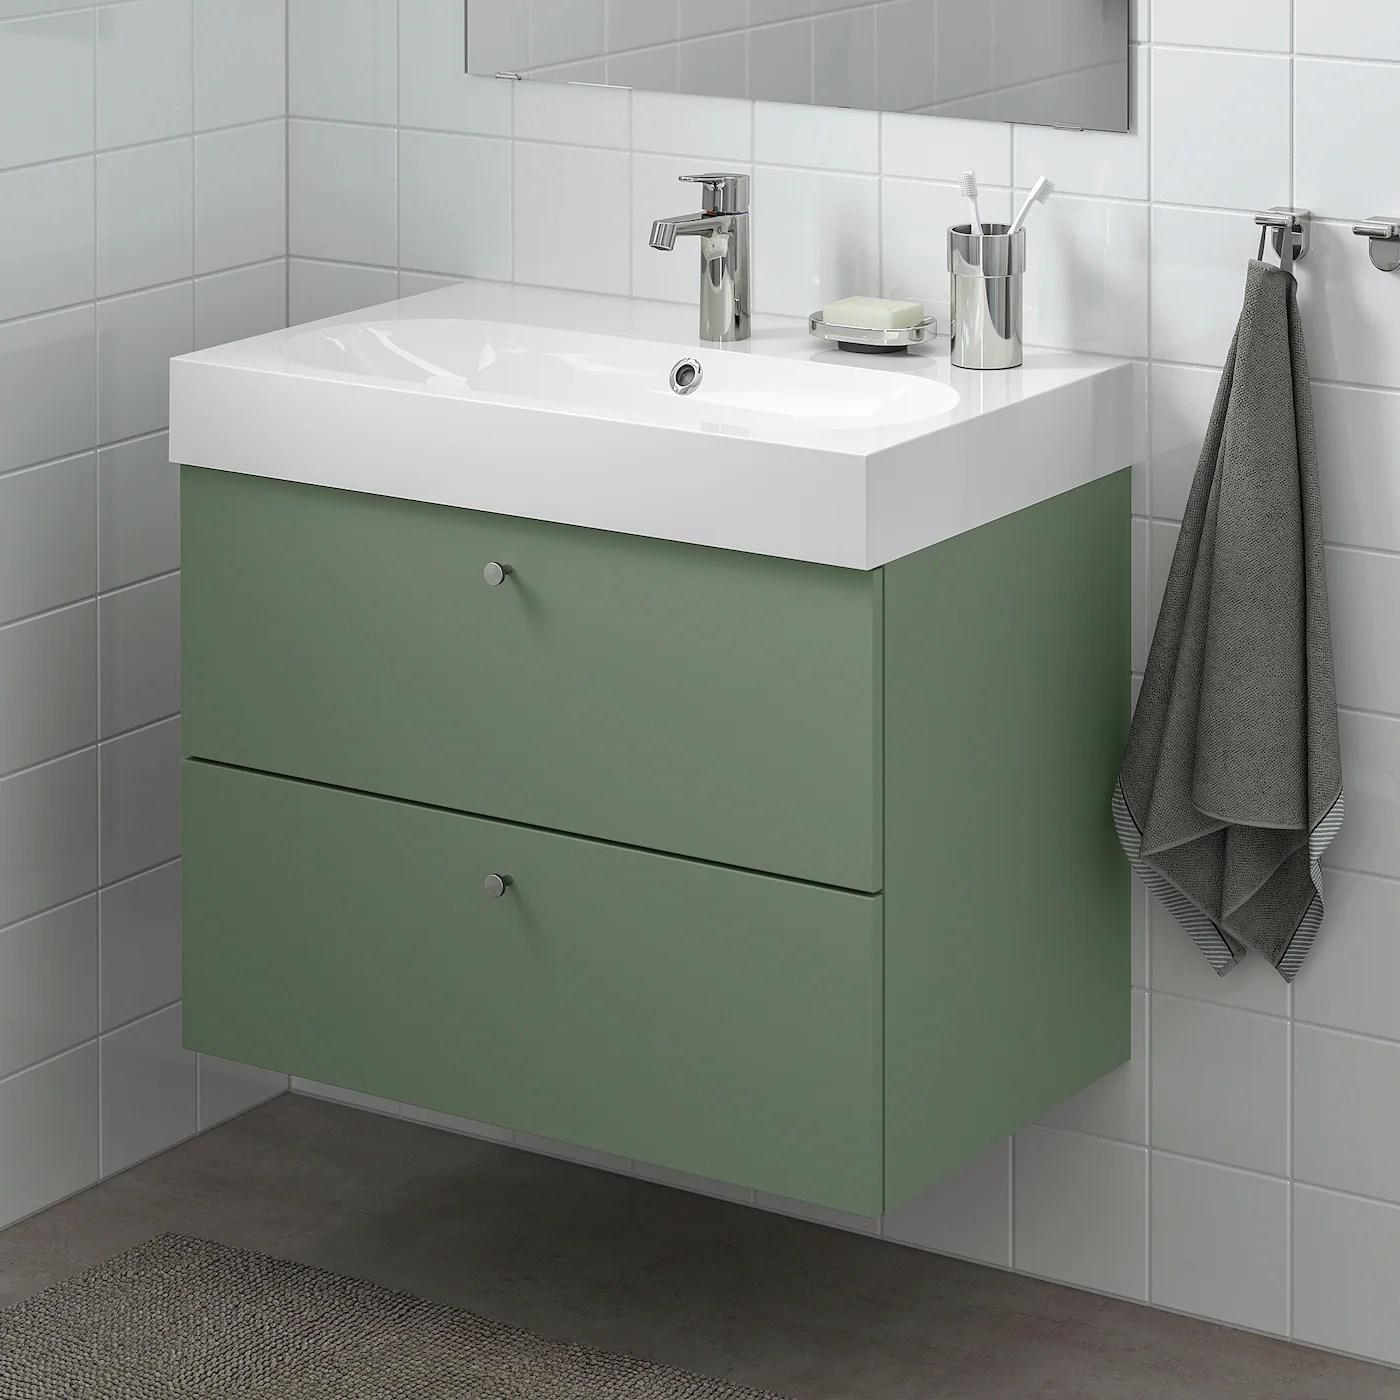 godmorgon meuble lavabo 2tir gillburen gris vert 80x47x58 cm